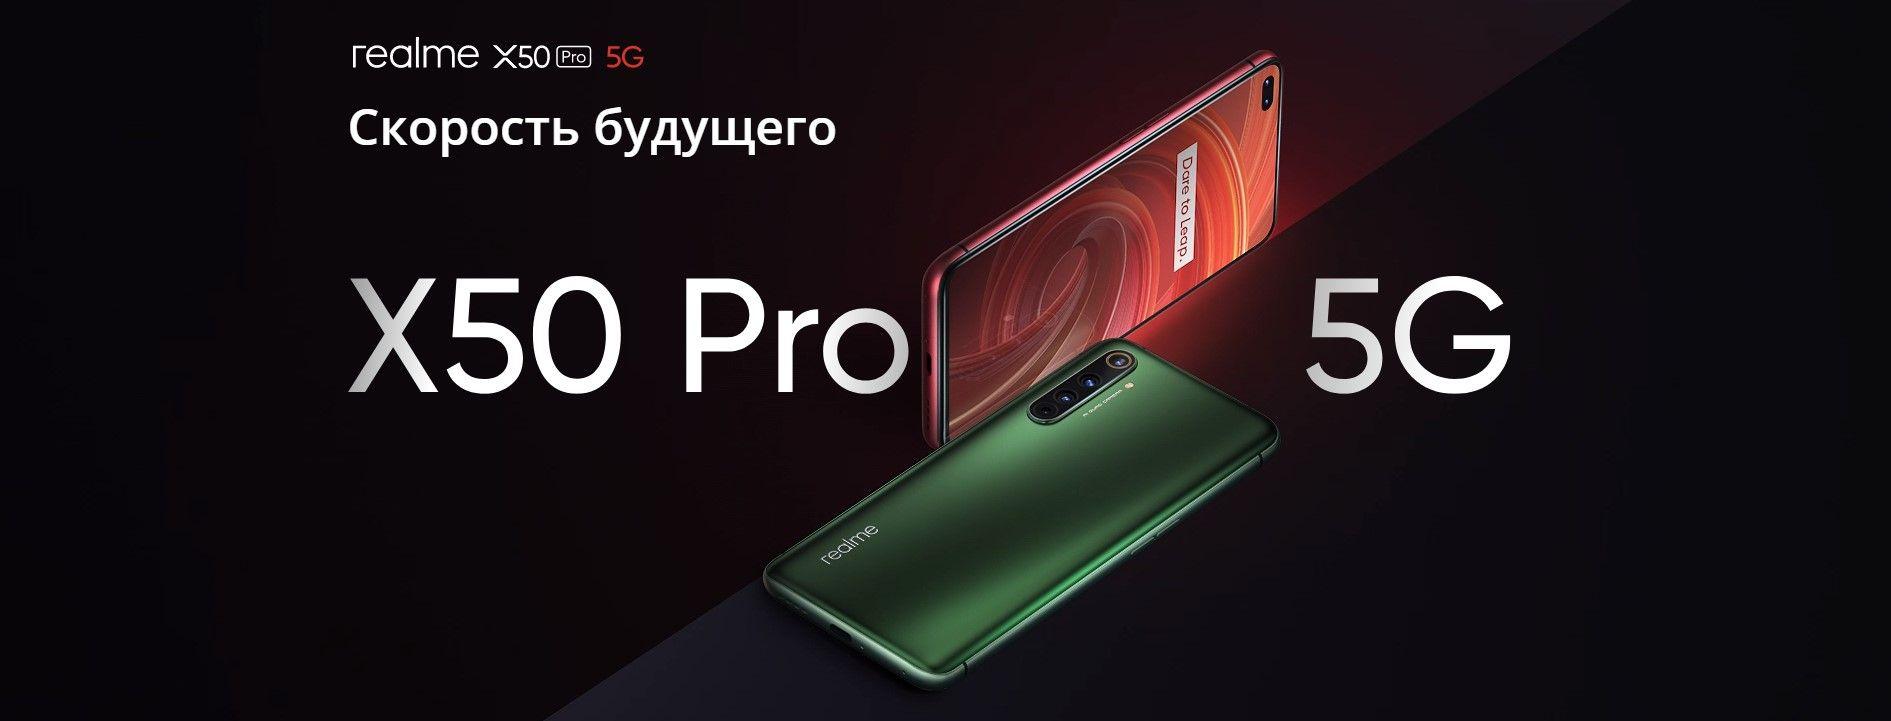 Realme X50 Pro Купить в Москве